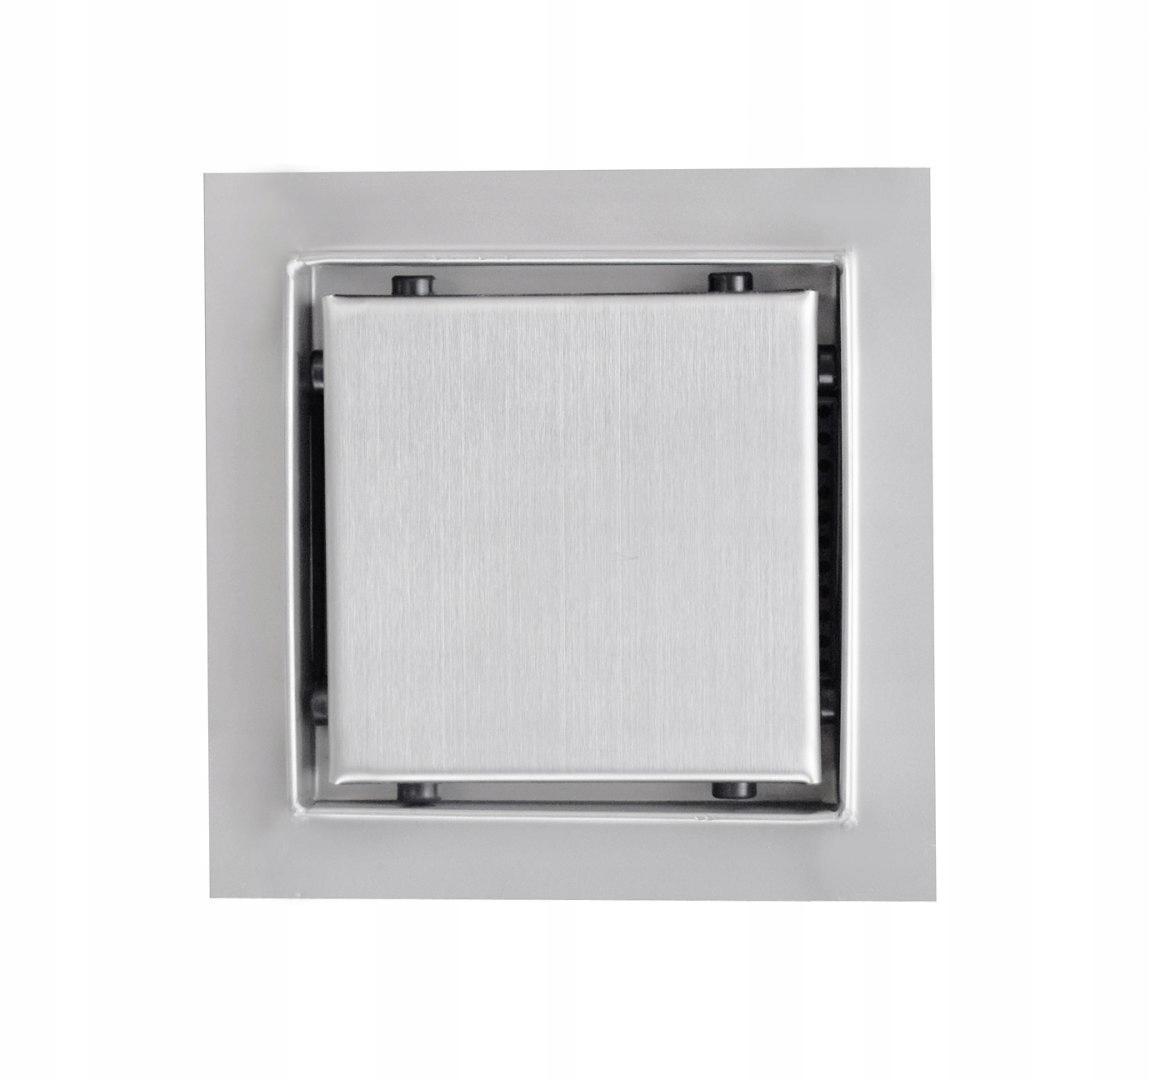 Štvorcový odtok minimalistický 15x15